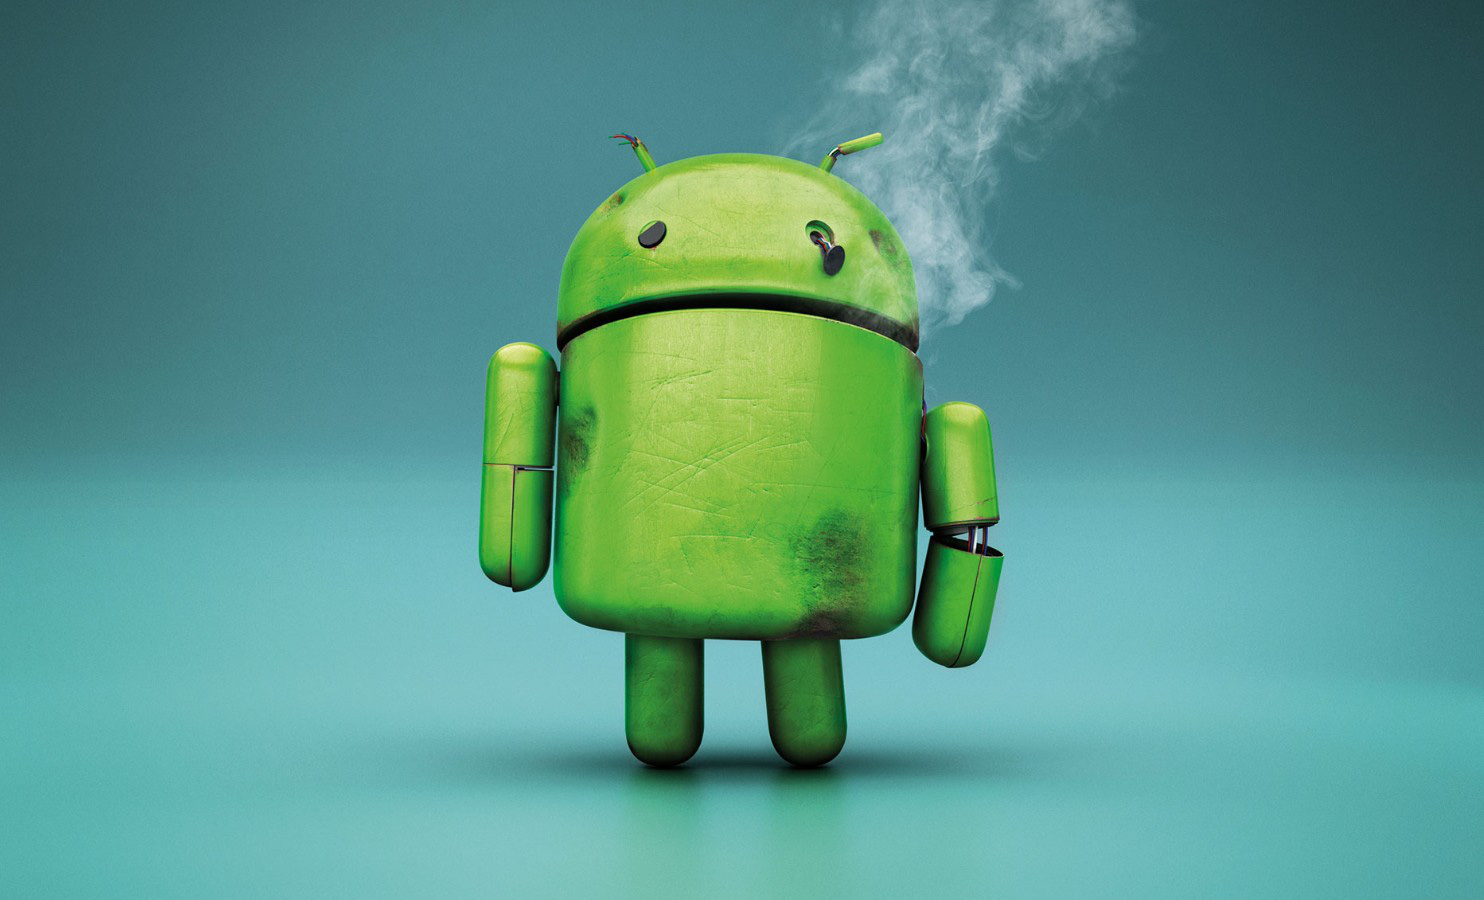 Hơn 1 tỷ smartphone Android thiếu bảo mật và có nguy cơ bị tấn công - Ảnh 1.